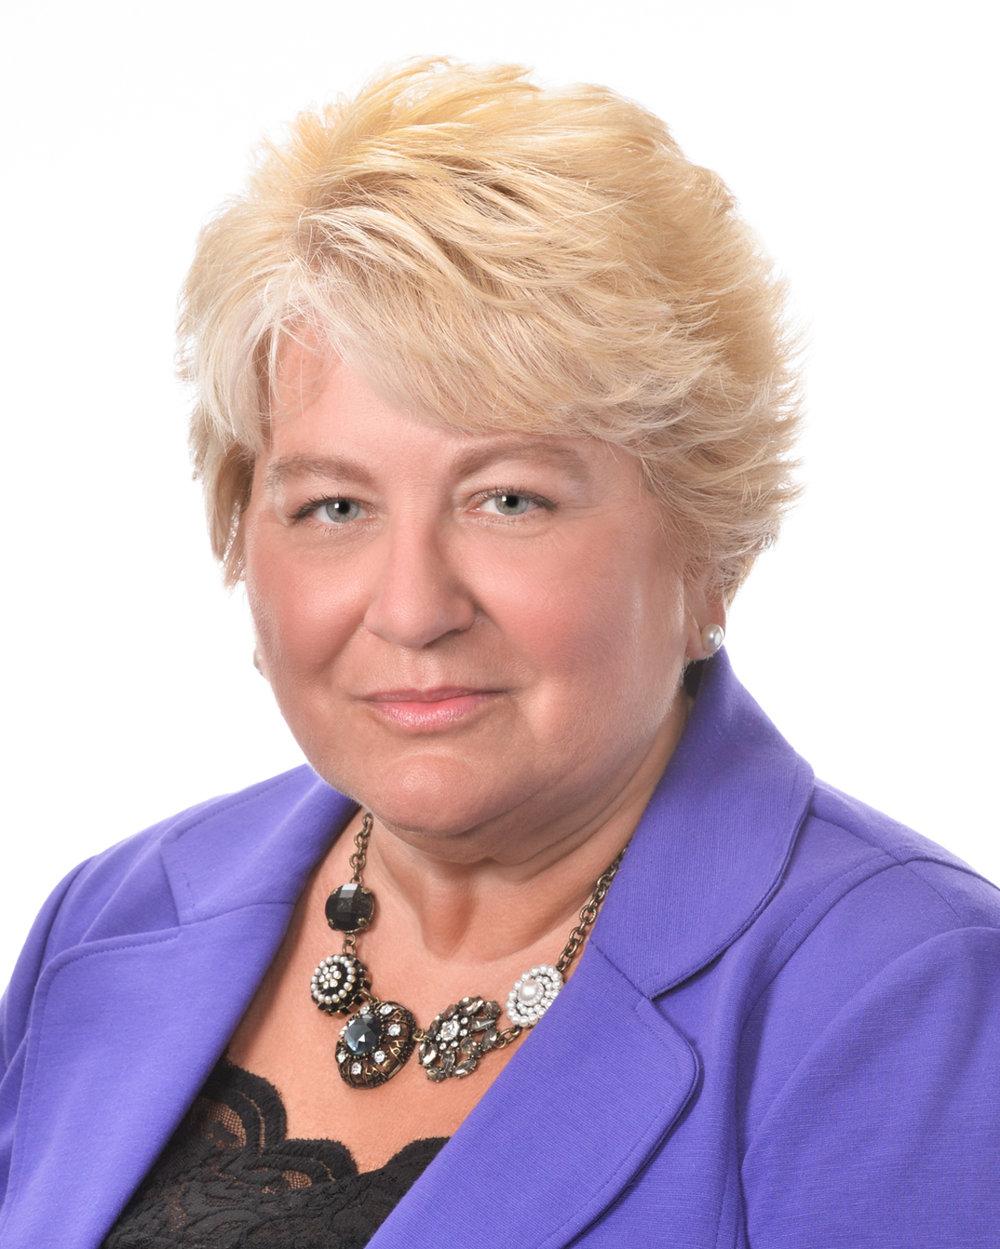 Karen Glasser Sharp - Director